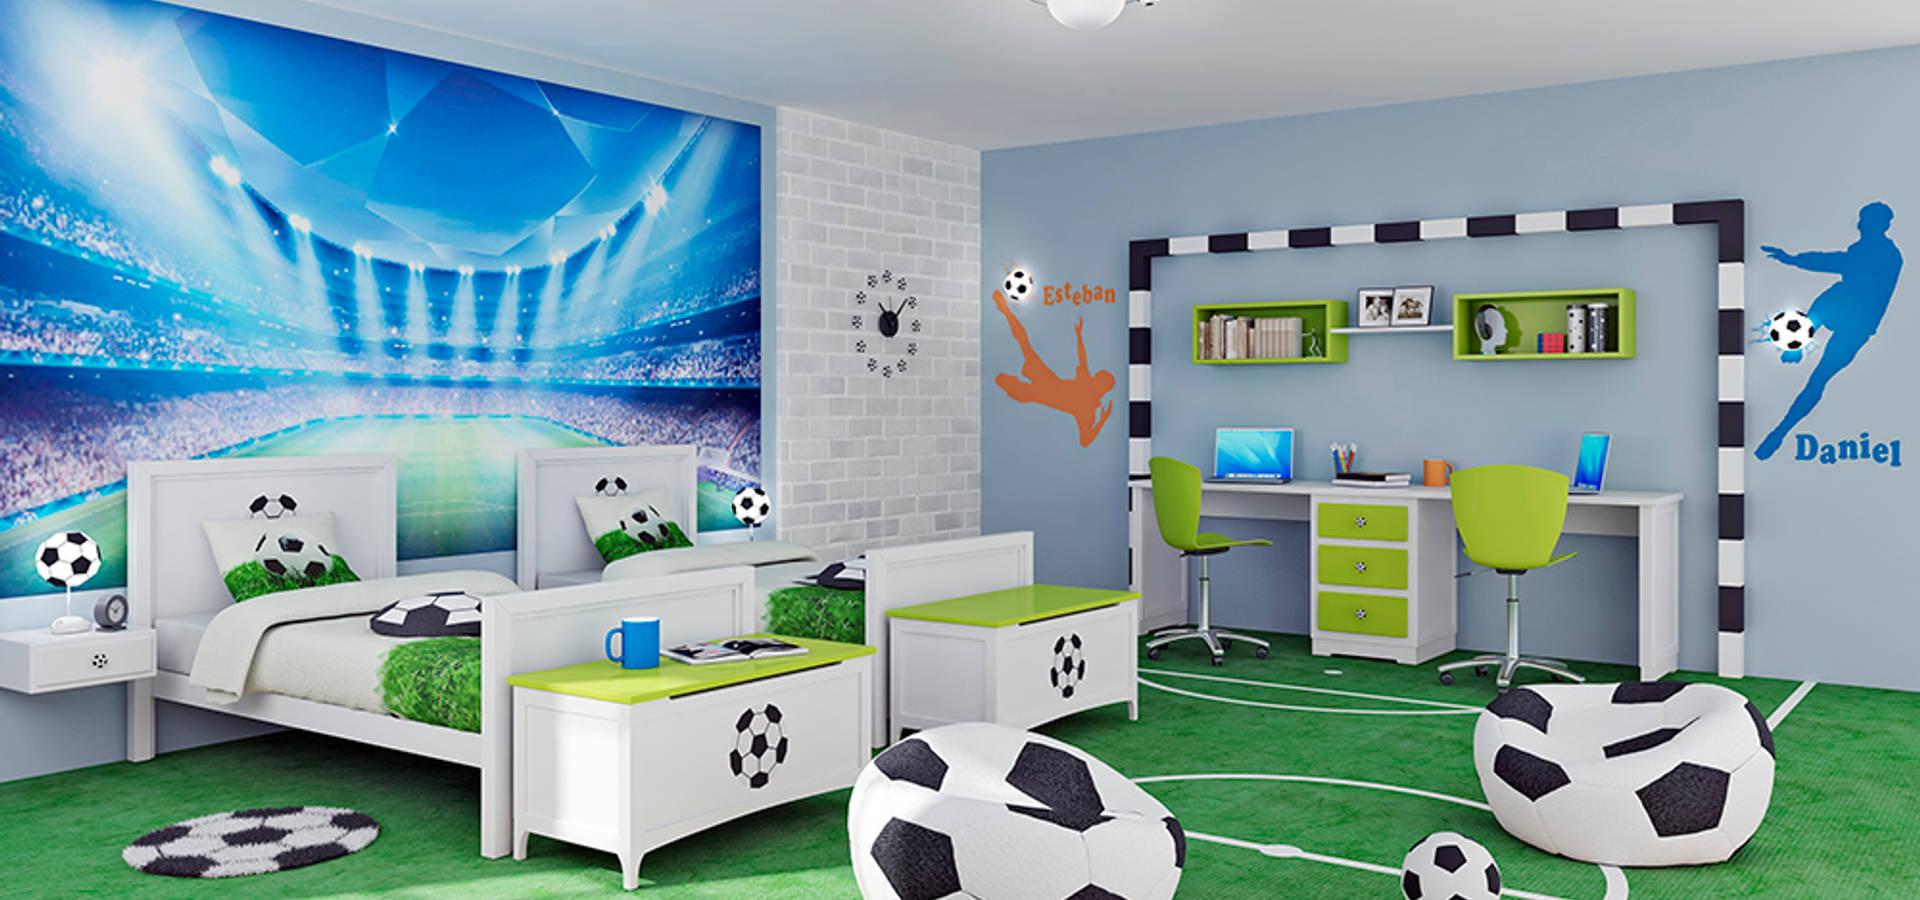 Dormitorio infantil niña Princesa von lo quiero en mi casa | homify